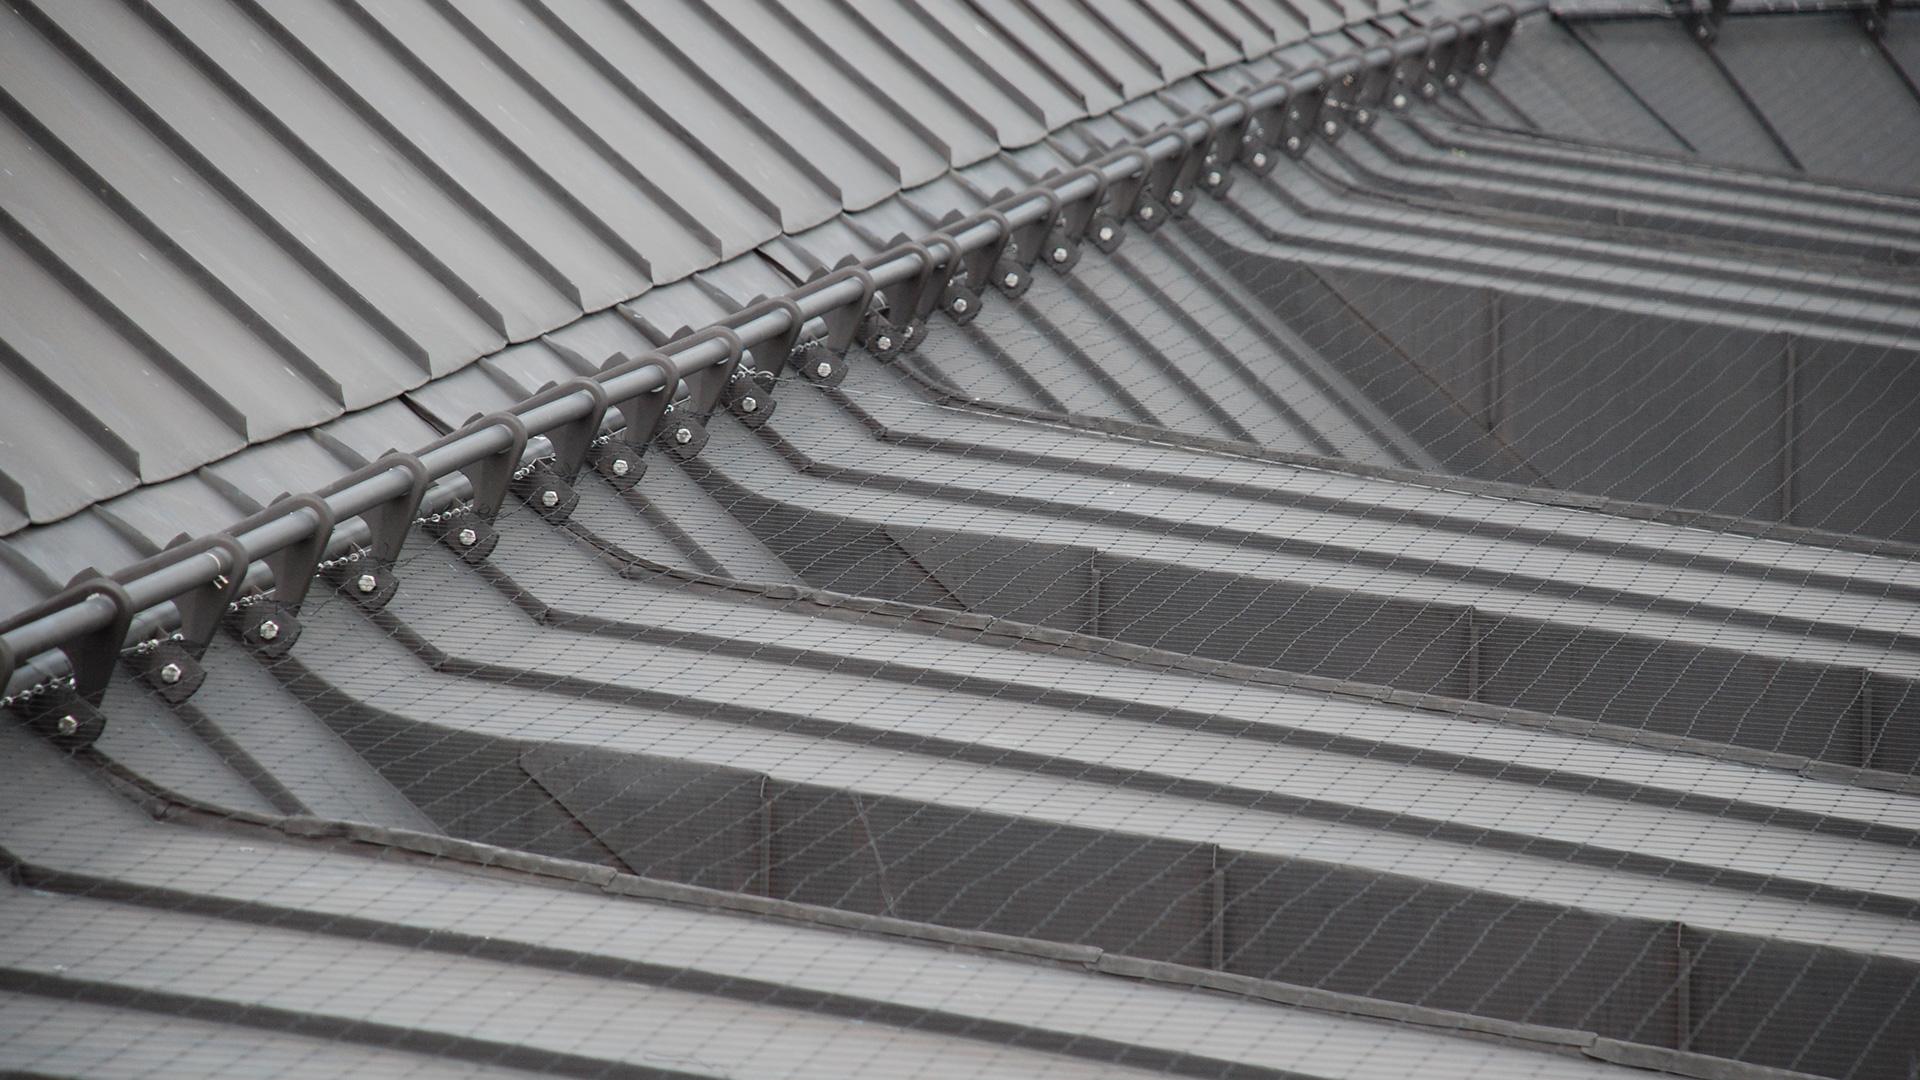 Vogelnetze auf einem Gebäudedach um Tauben fernzuhalten